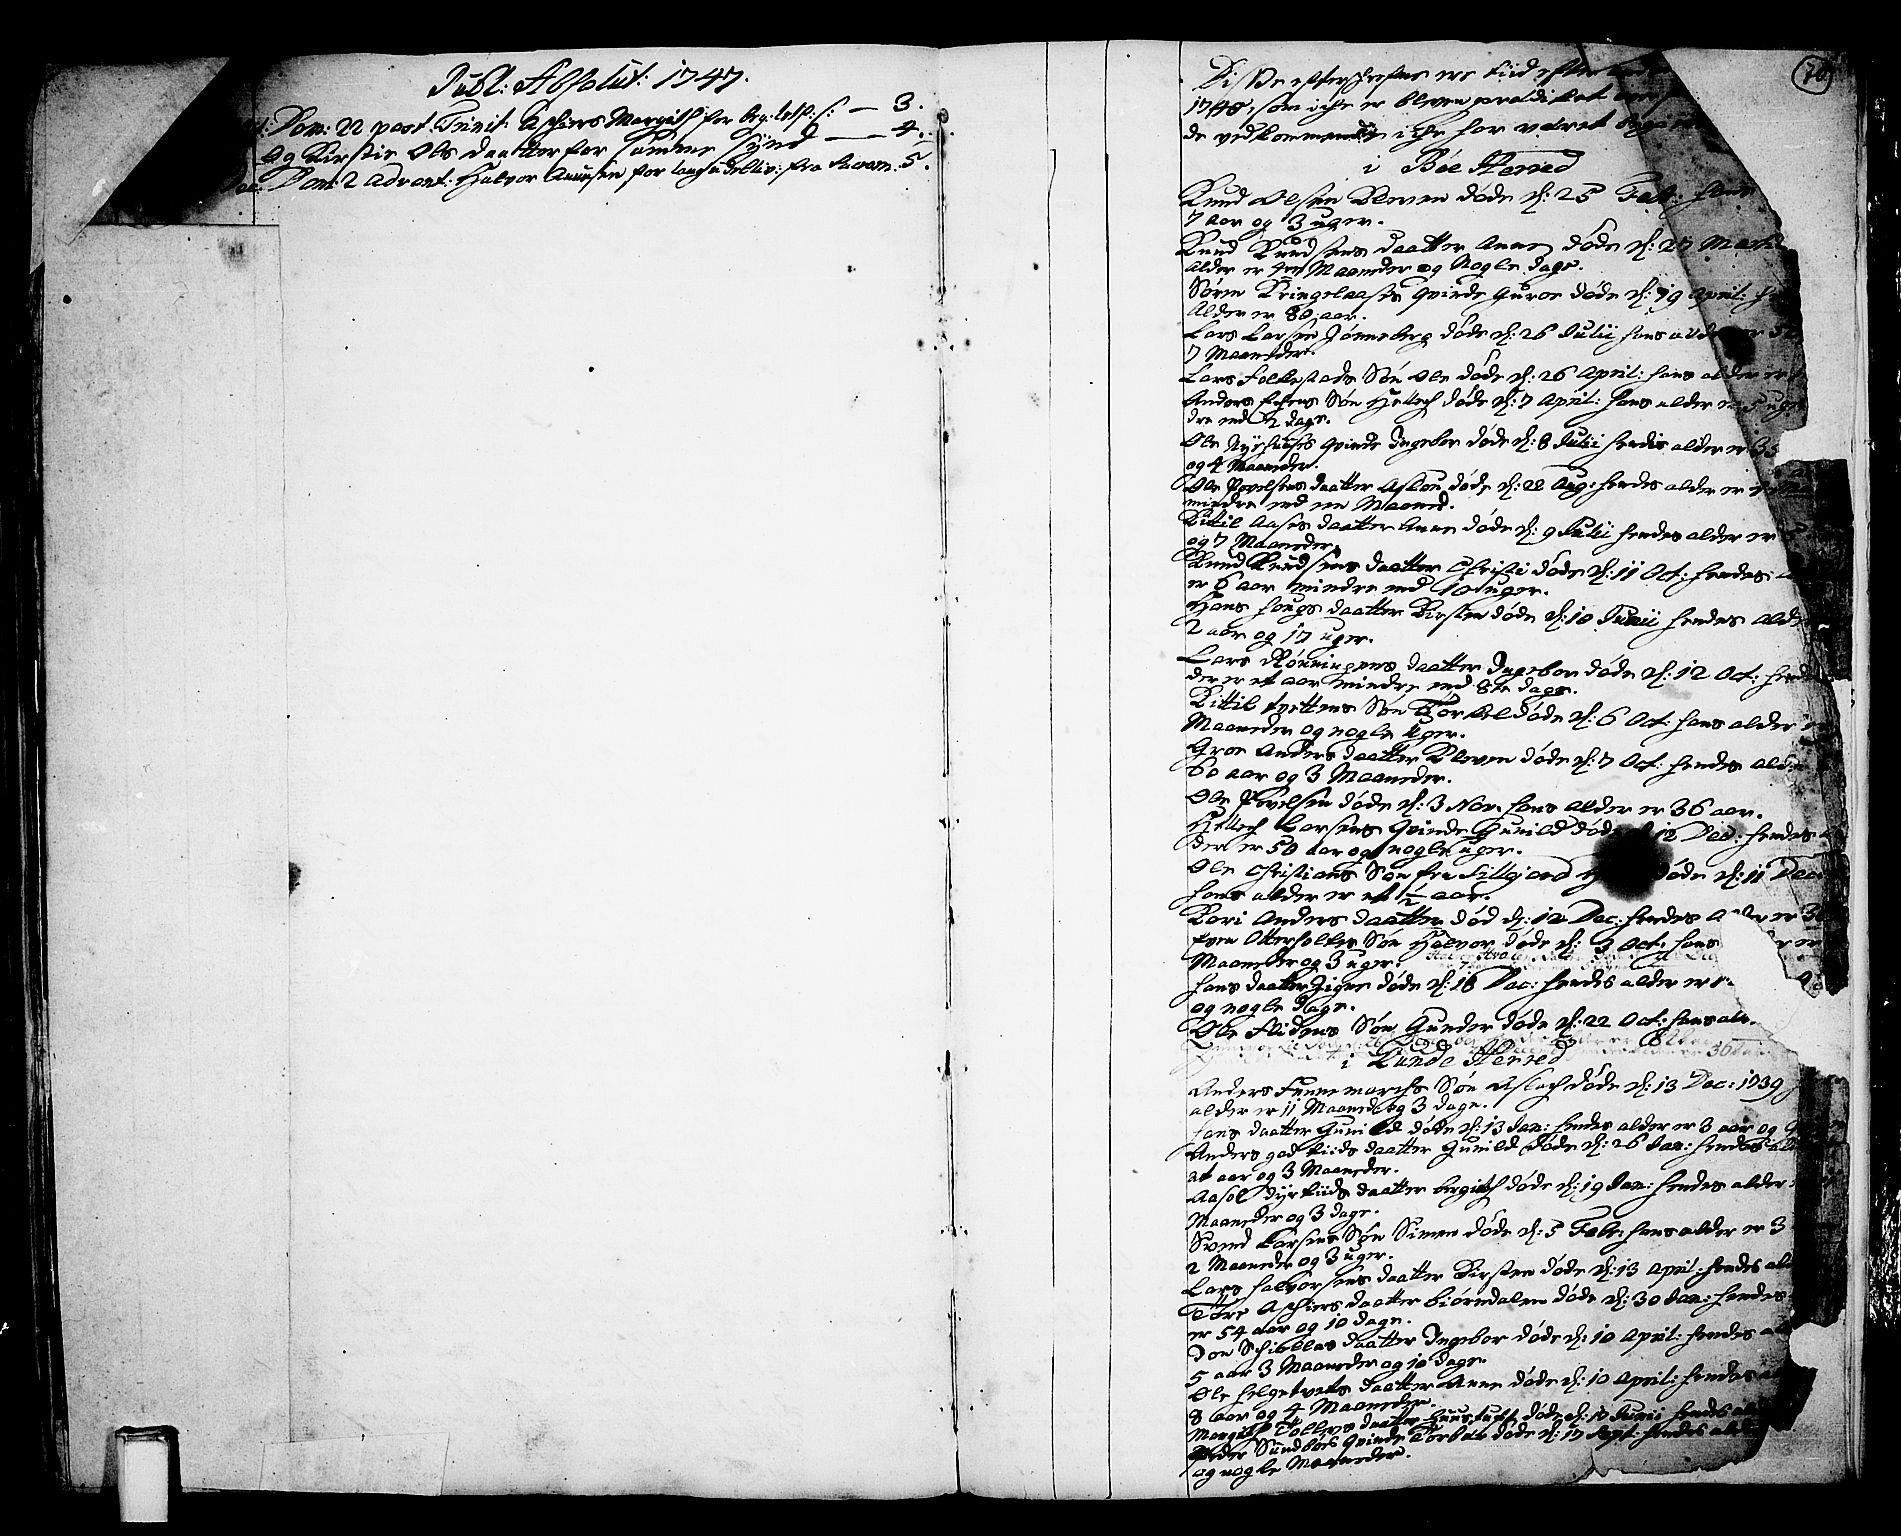 SAKO, Bø kirkebøker, F/Fa/L0003: Ministerialbok nr. 3, 1733-1748, s. 70